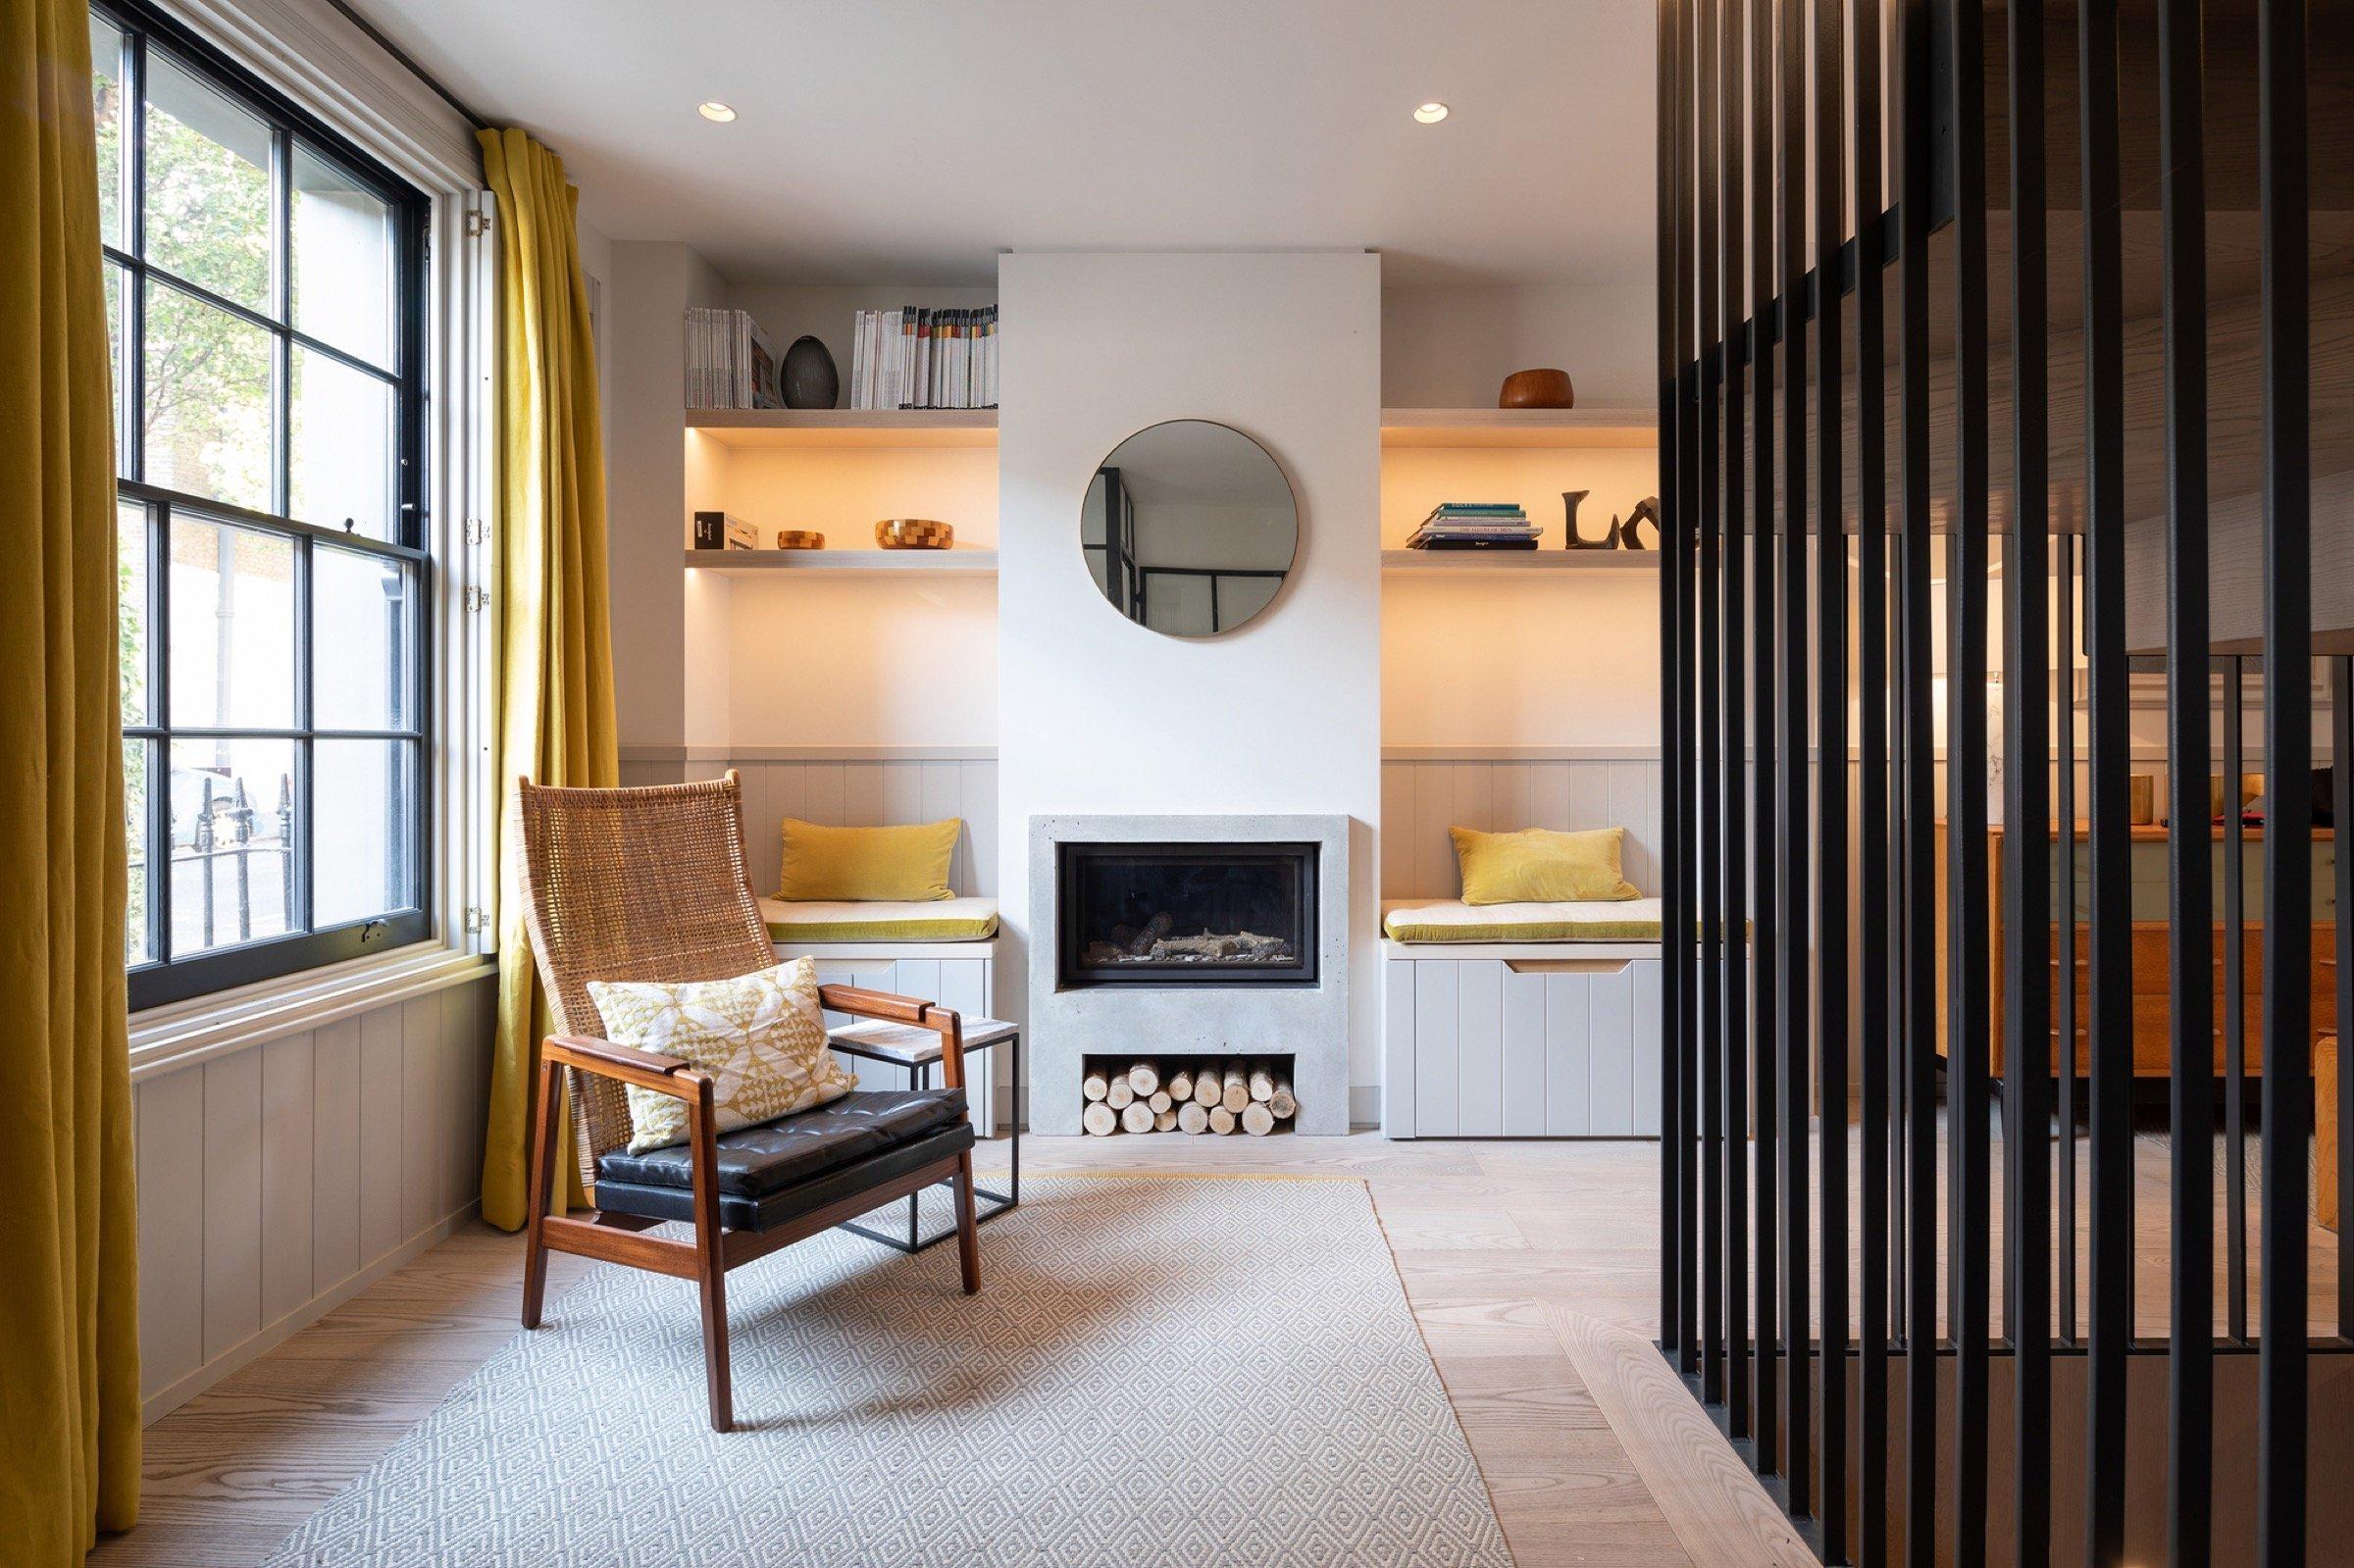 Stačí důmyslné řešení a řadový dům může majitelům poskytovat prostorné komfortní bydlení. Řadovka v Anglii má po rekonstrukci místo sklepa kuchyni s jídelnou a proskleným stropem.